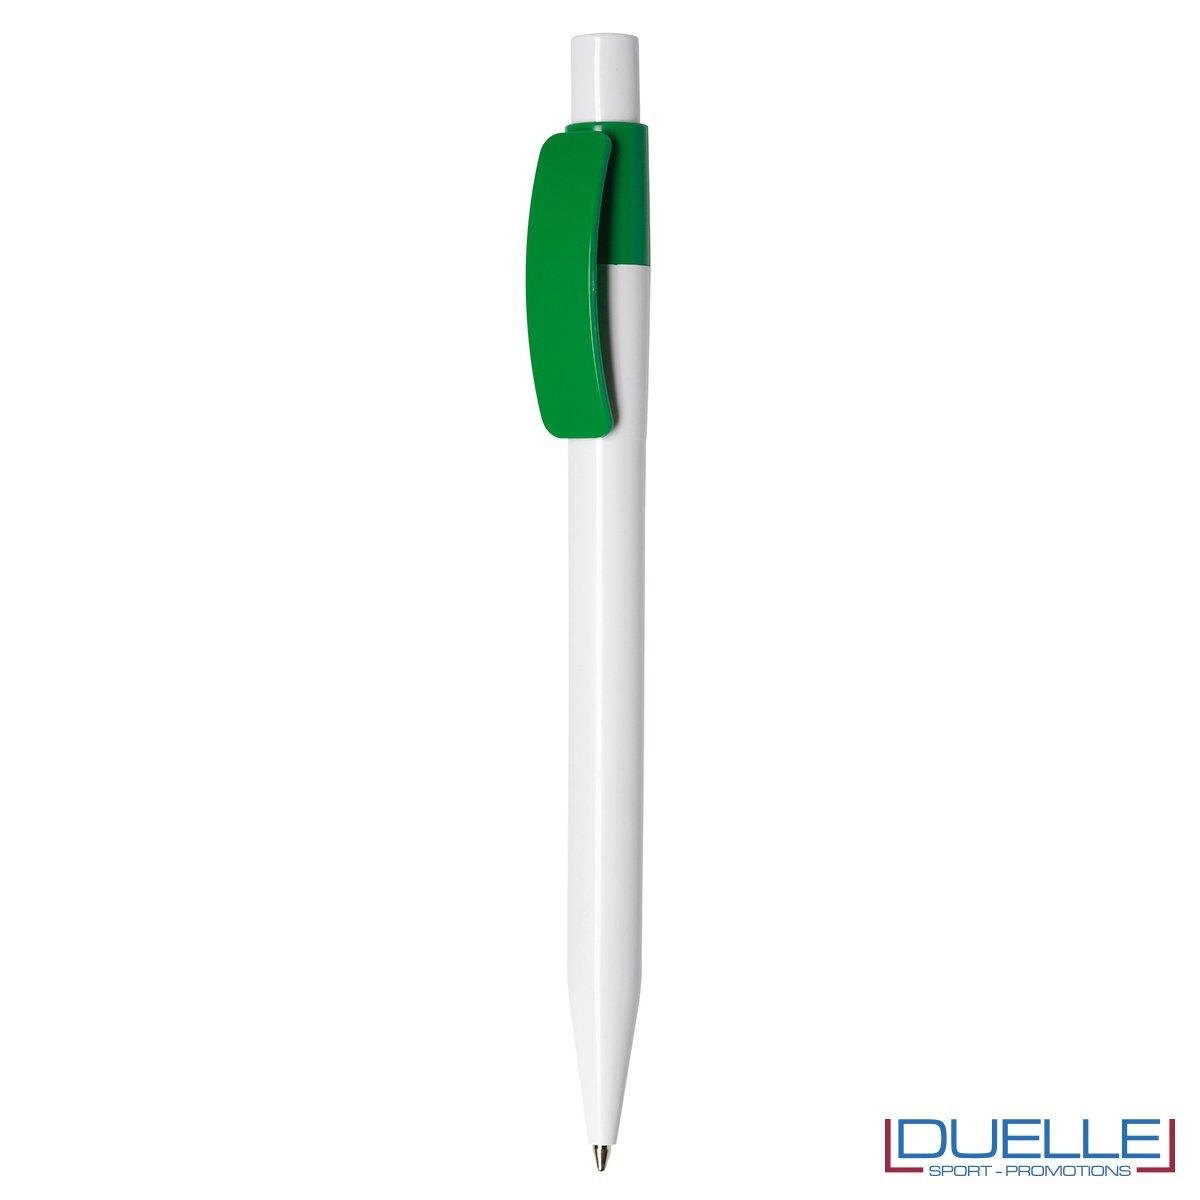 Penna Made in Italy personalizzata Verde, gadget aziendali, penne personalizzate, gadget personalizzati, articoli promozionali